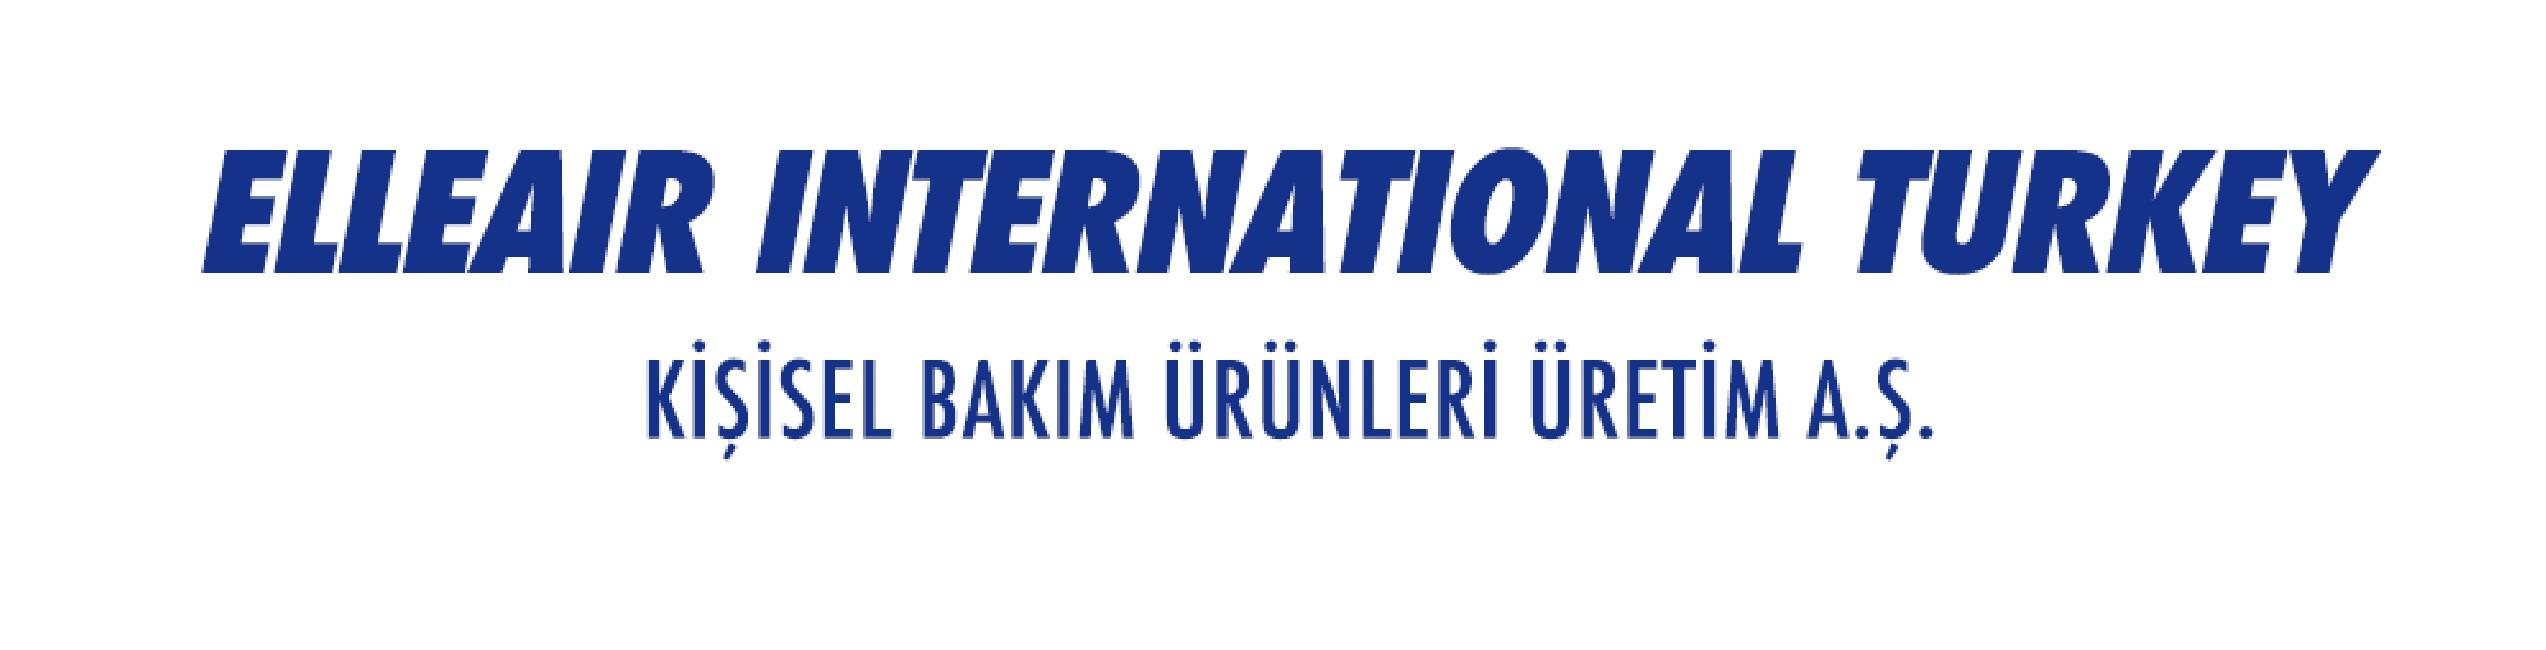 ELLEAIR INTERNATIONAL TURKEY KİŞİSEL BAKIM ÜRÜNLERİ ÜRETİM A.Ş.